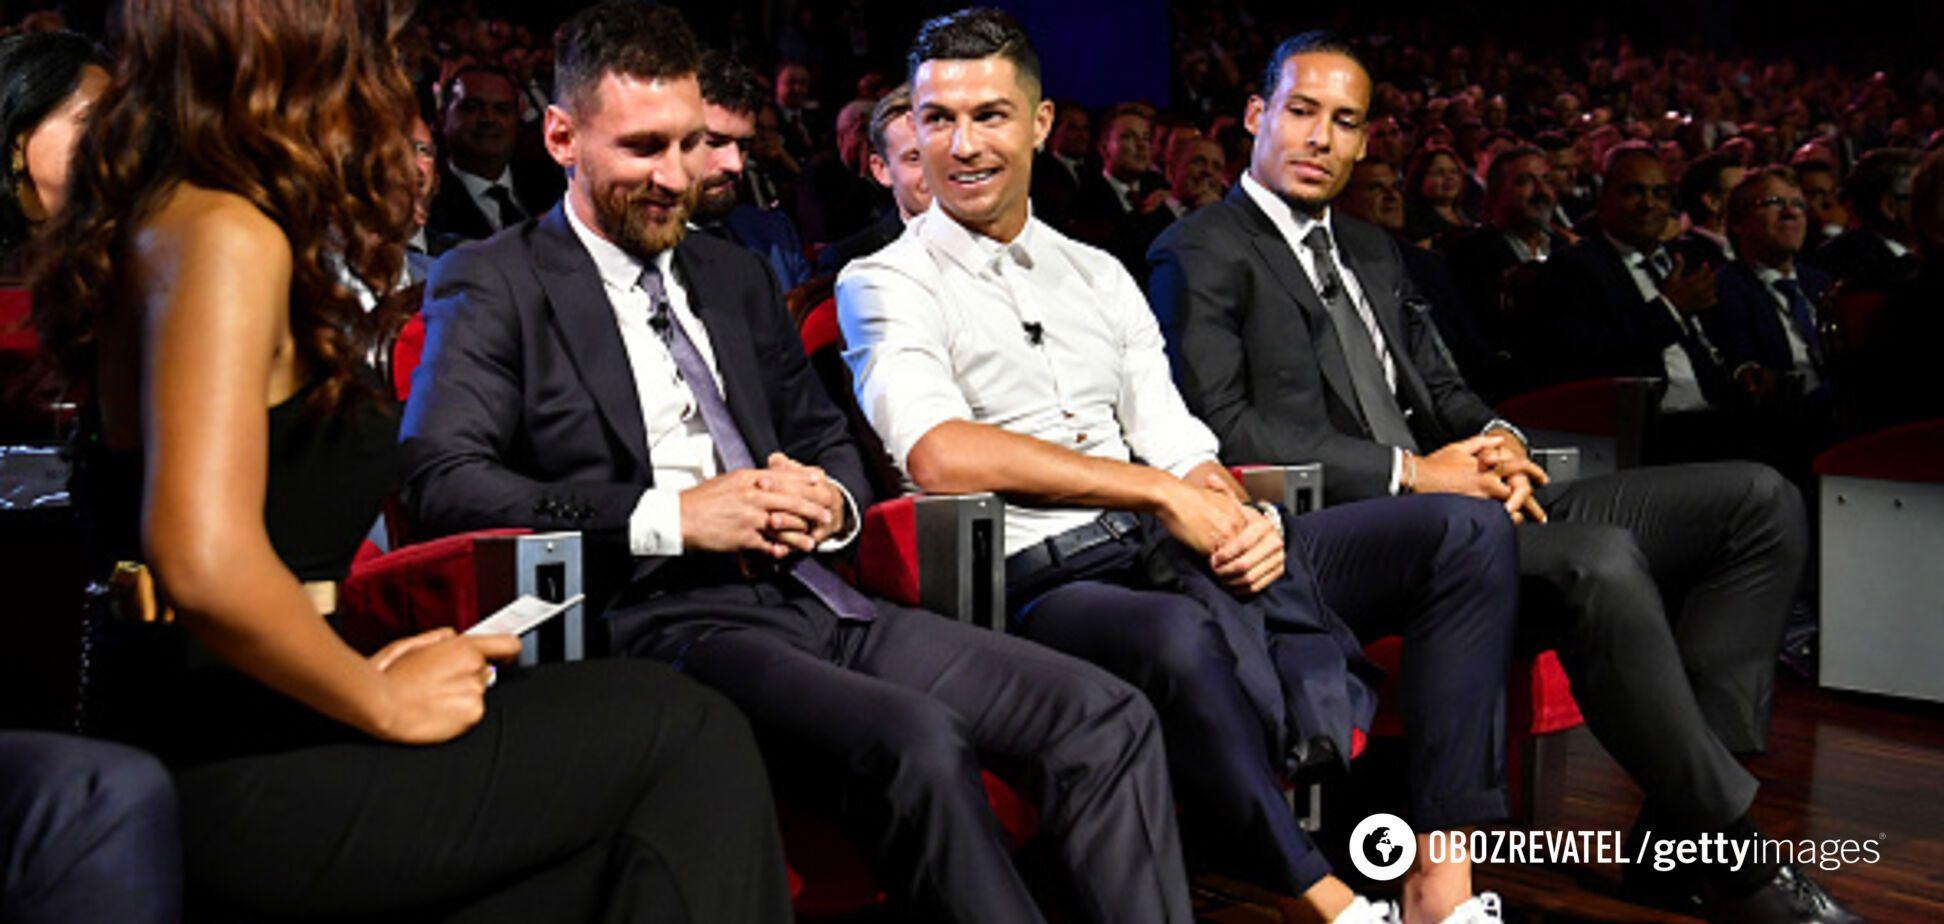 Зависит от Месси: Роналду назвал условие для завершения карьеры